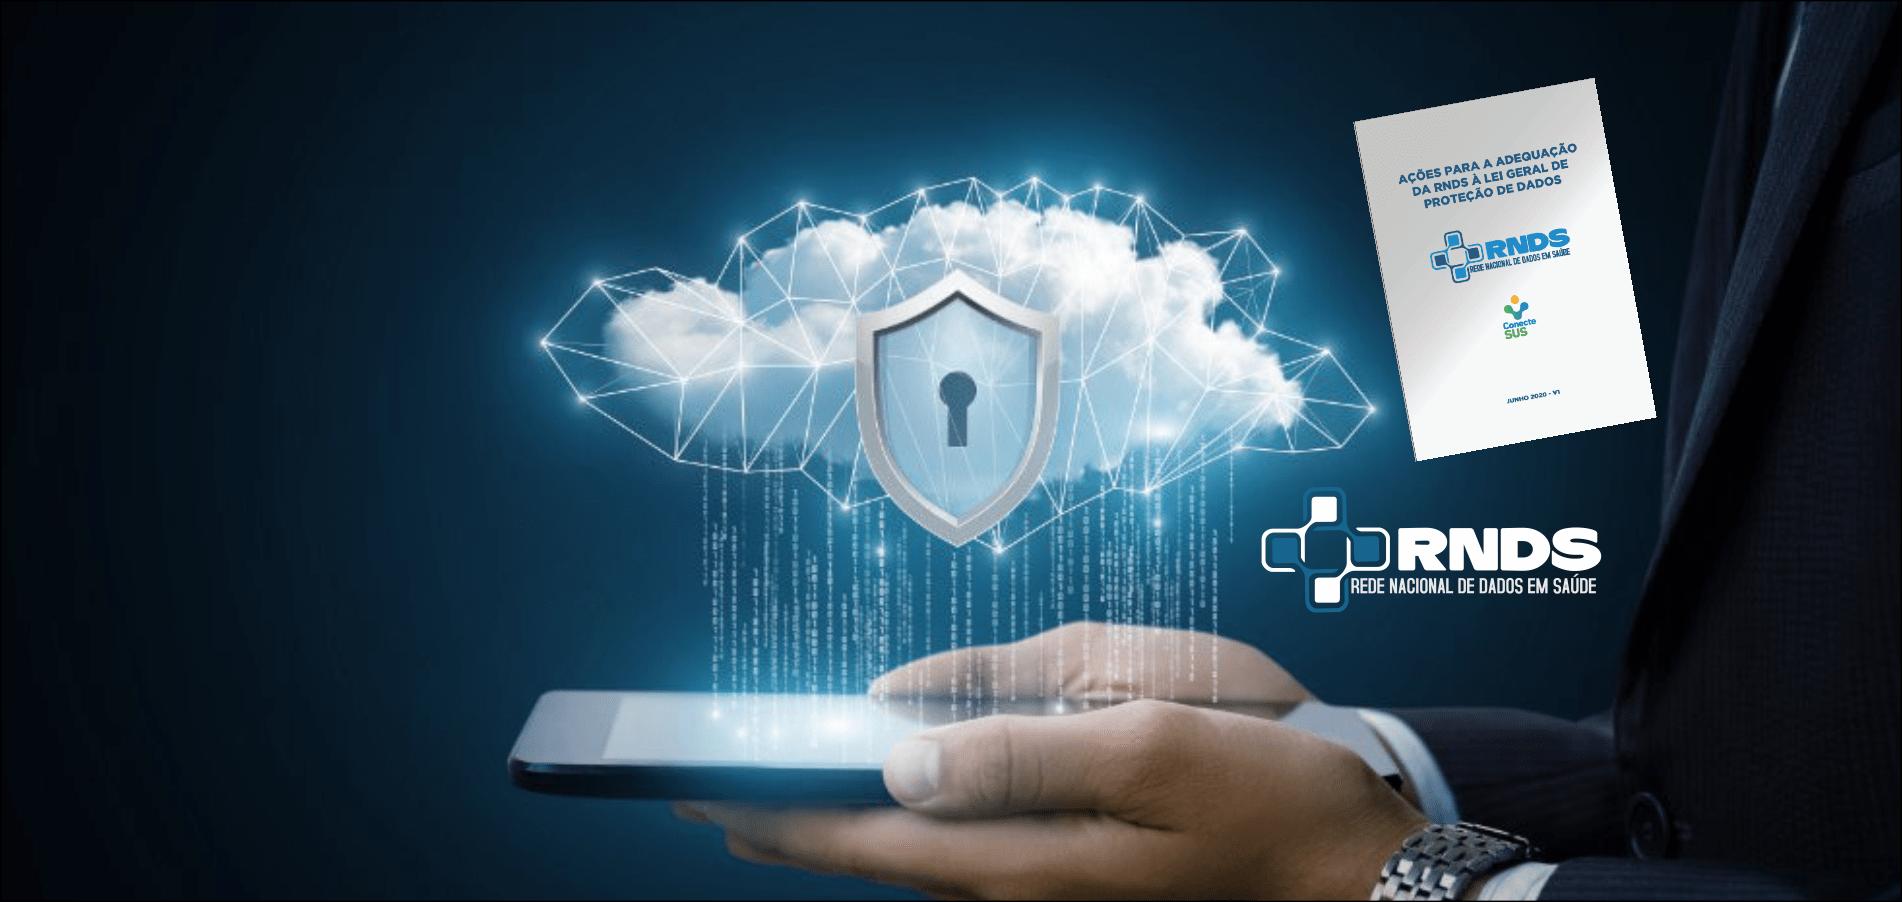 DATASUS adota medidas para adequar a RNDS à Lei de Proteção de Dados